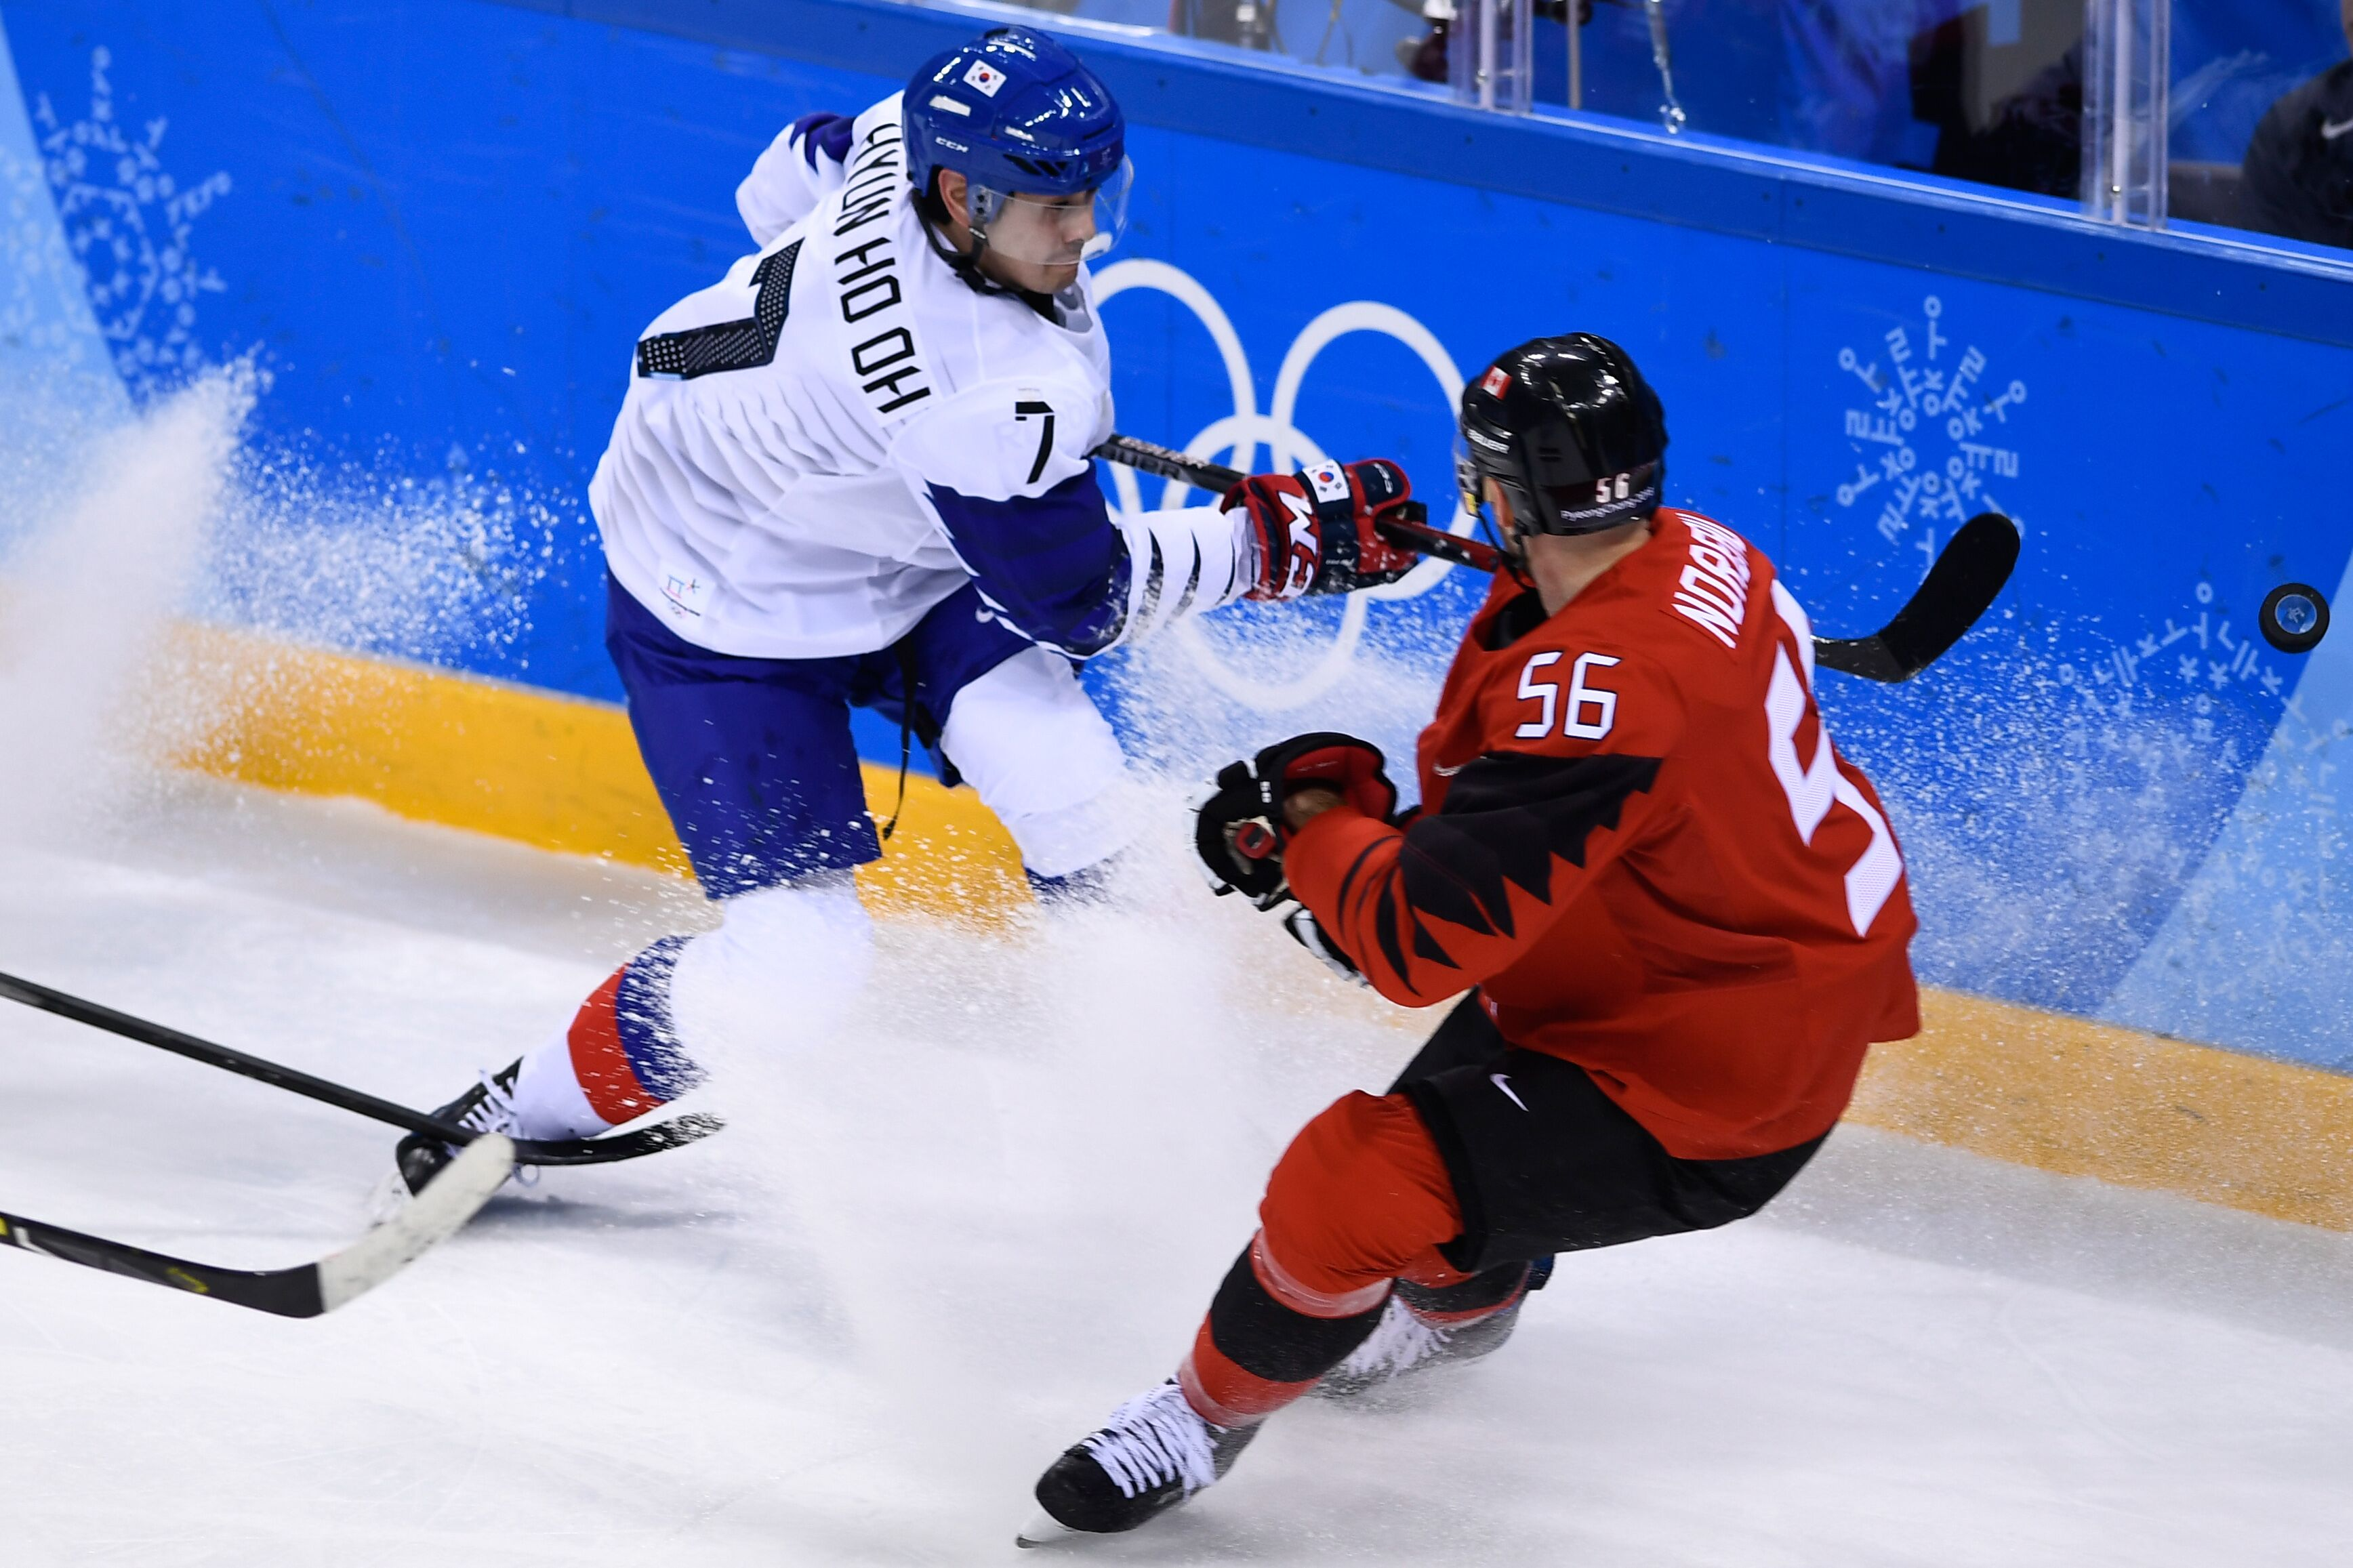 olympia hockey live stream